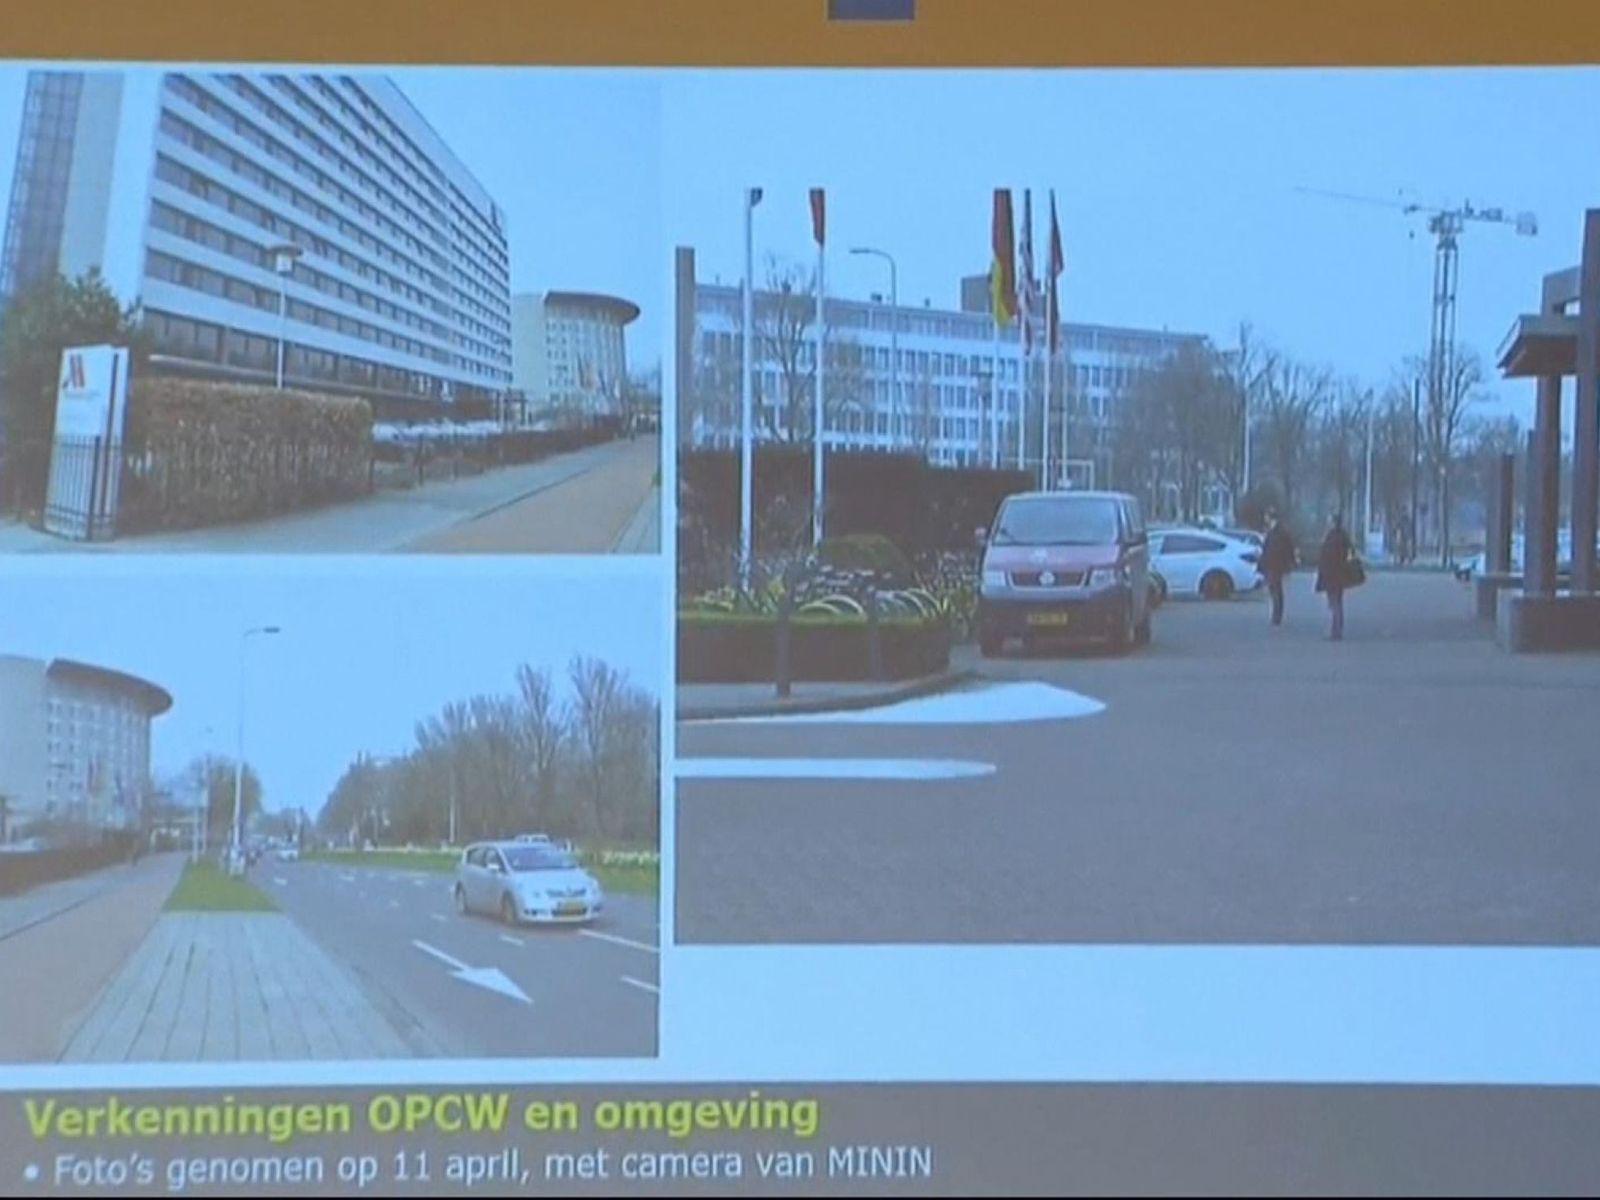 英媒:荷兰阻止俄网络攻击 并驱逐4名俄情报官员